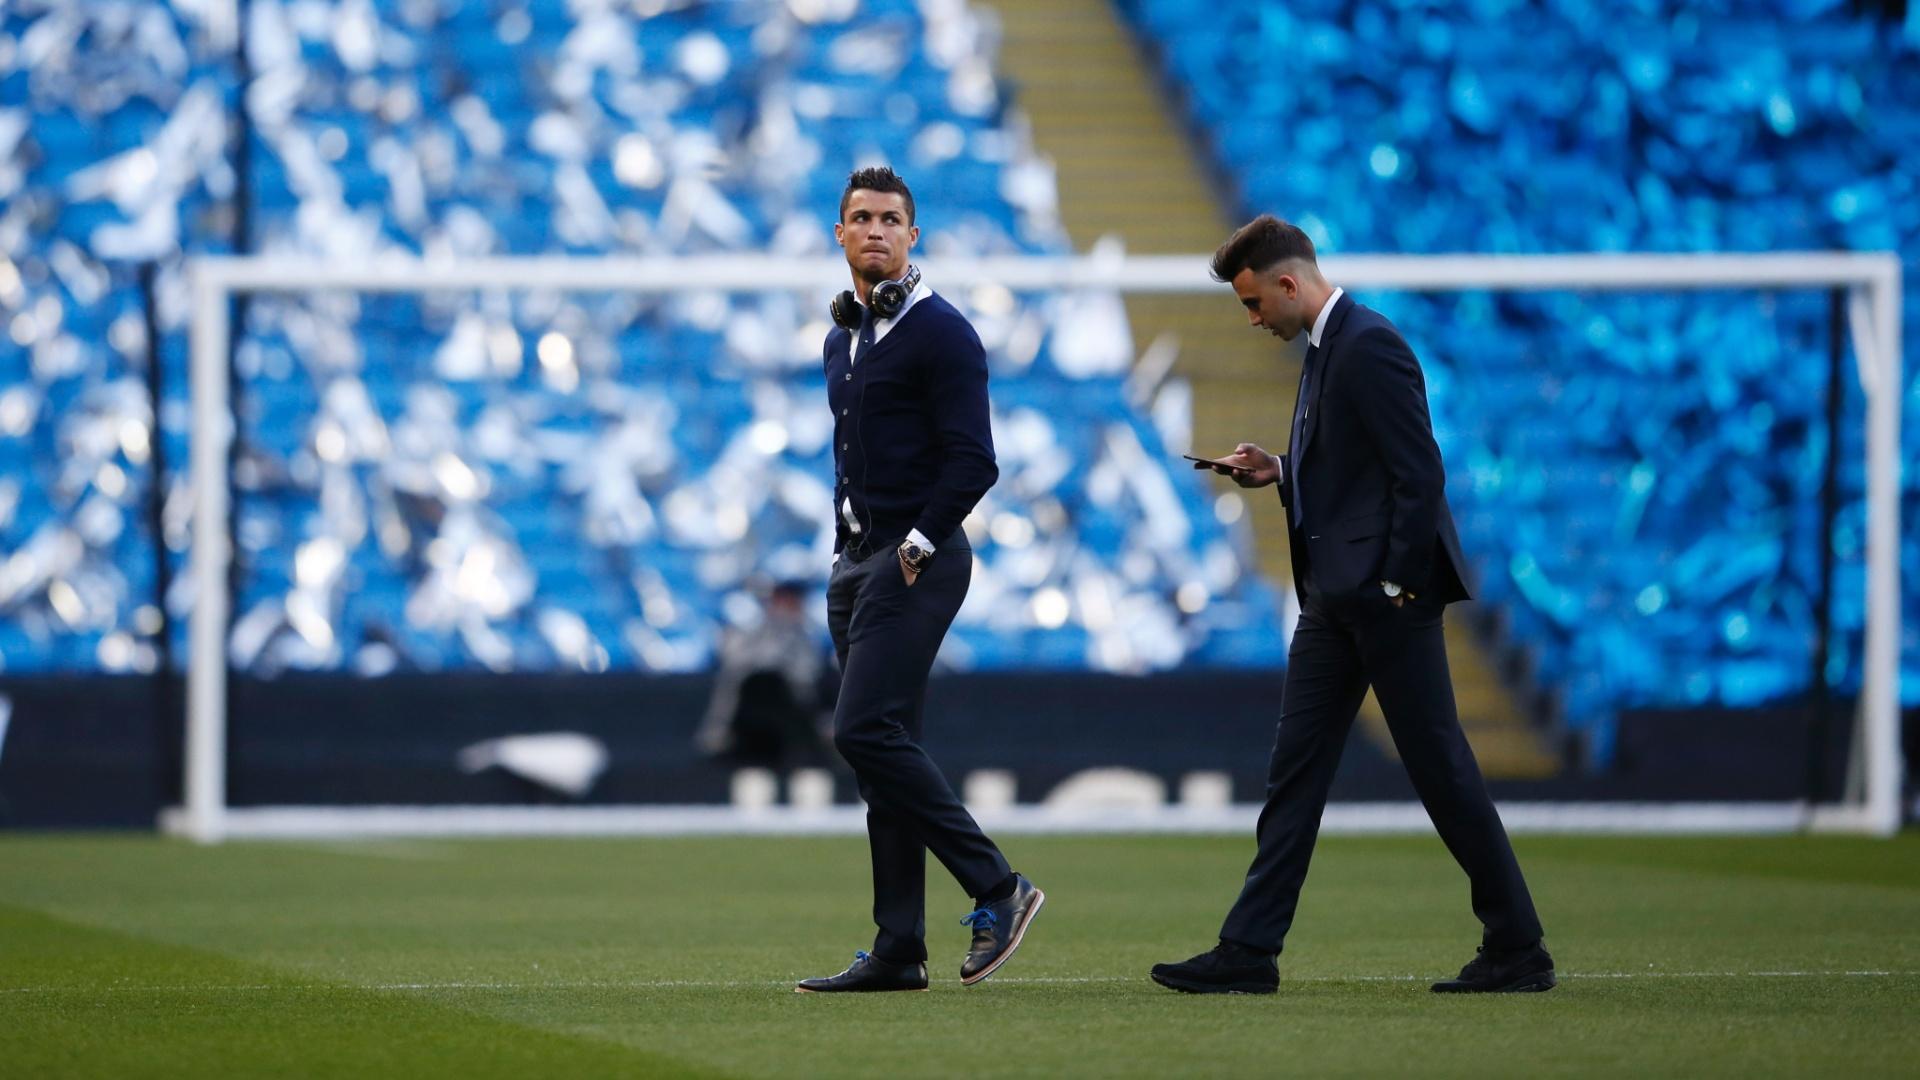 Cristiano Ronaldo foi com o time para o Etihad Stadium, mas não foi aprovado no teste físico antes da partida